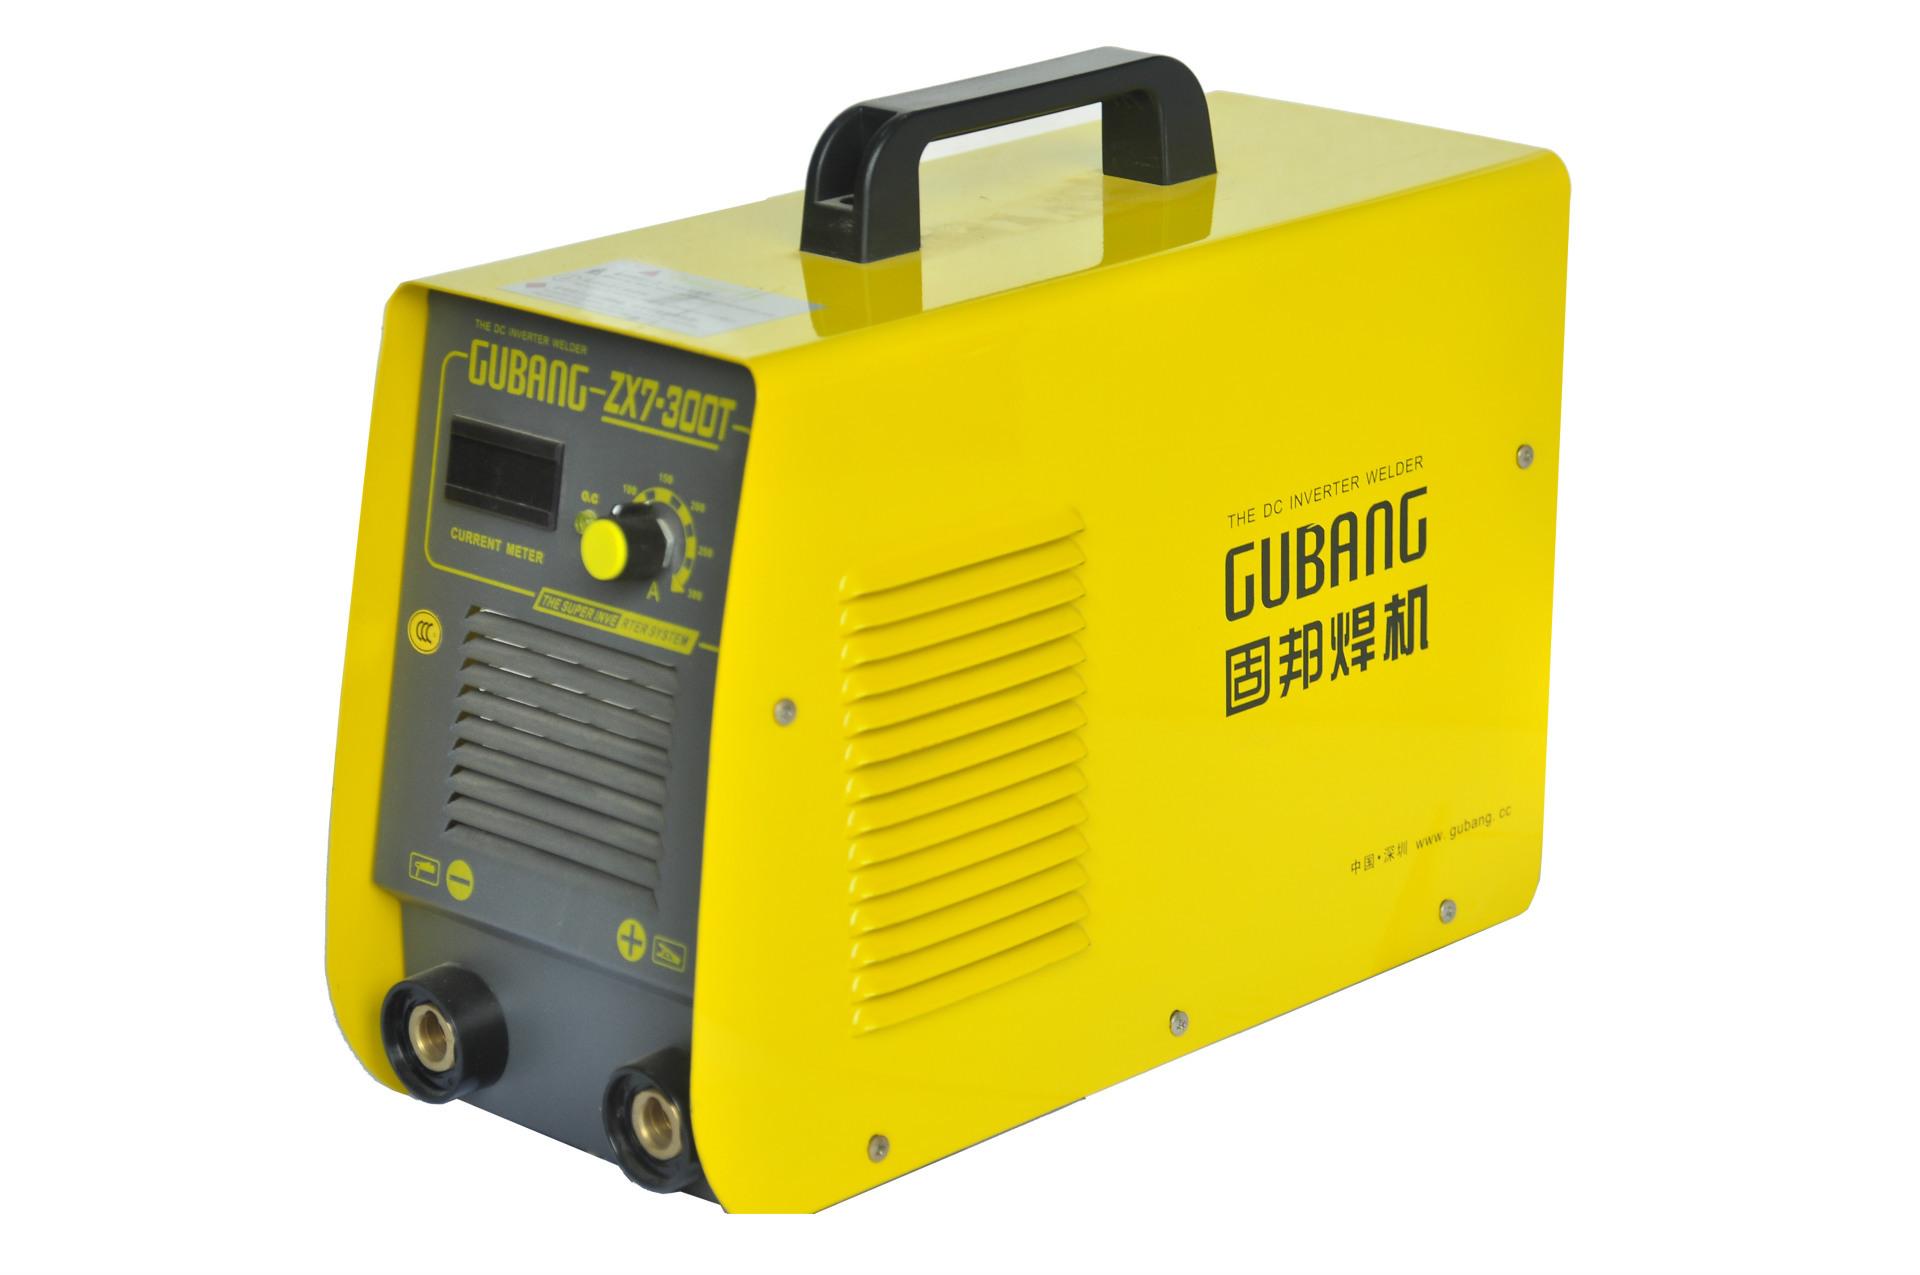 电焊机 otc电焊机 电焊机400 电焊机结构图 藻泥新闻网图片